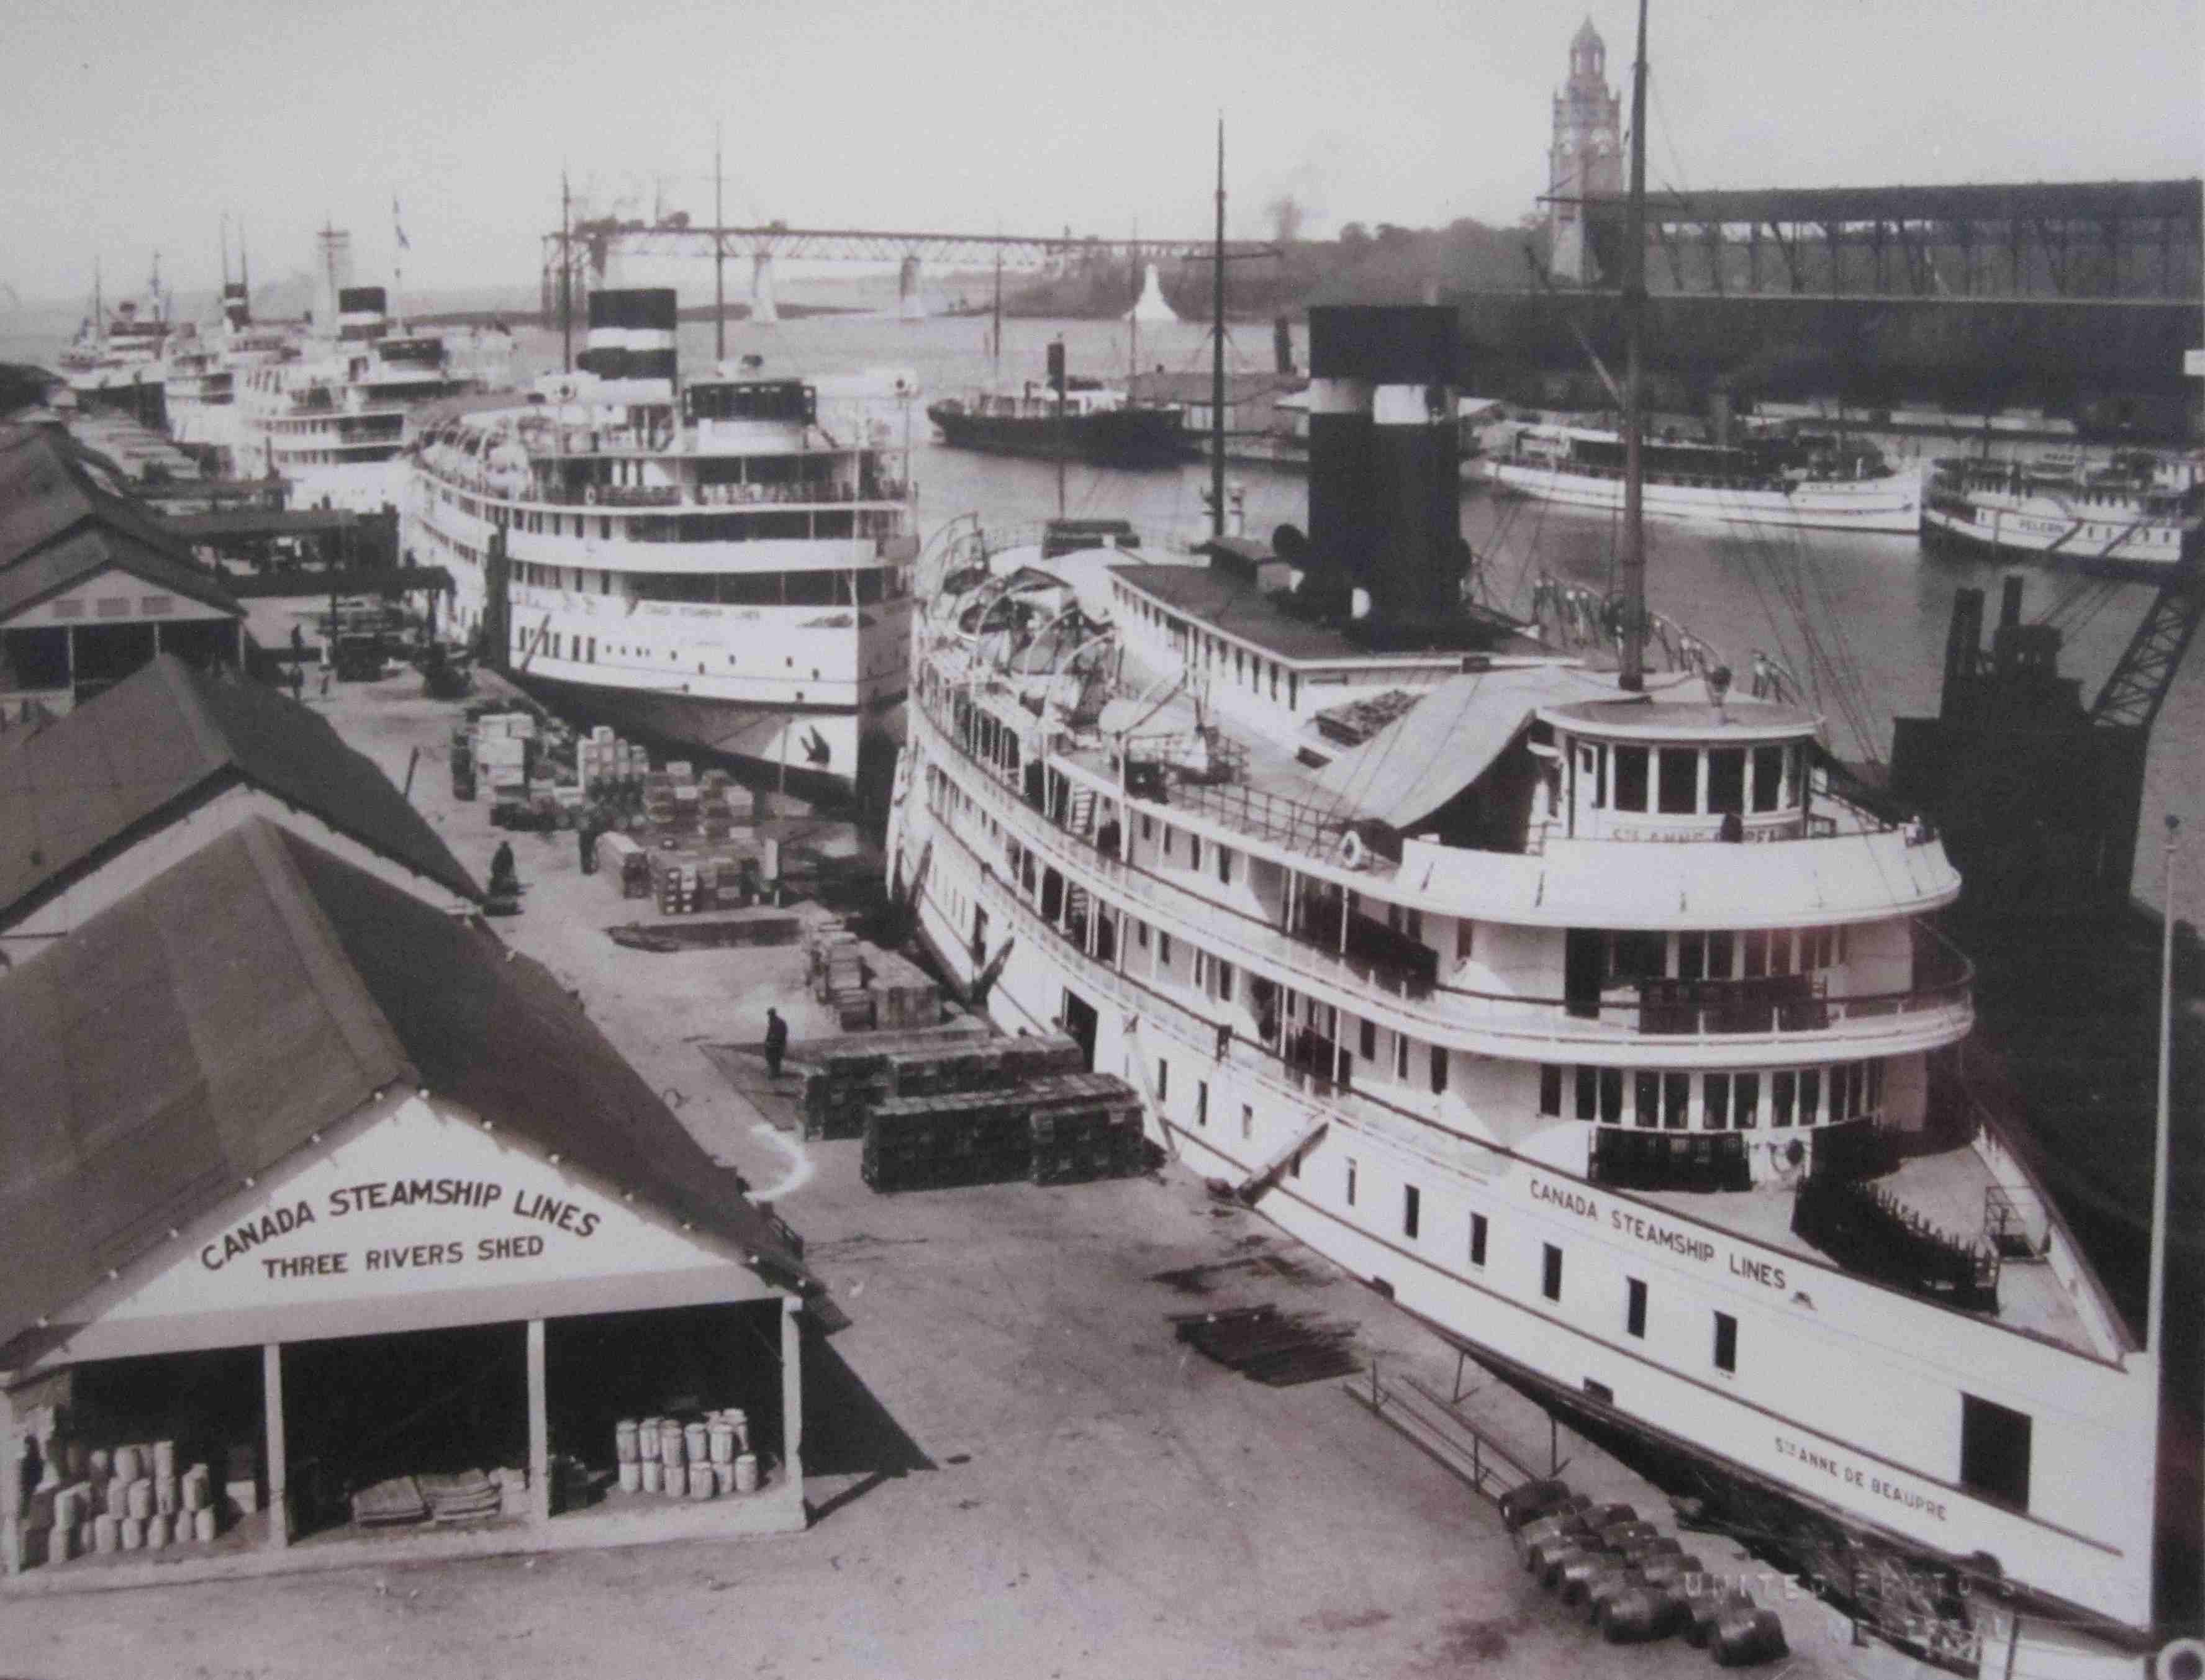 Photographie de grands navires de croisière à vapeur dans un port. En arrière-plan, on aperçoit un pont en construction.